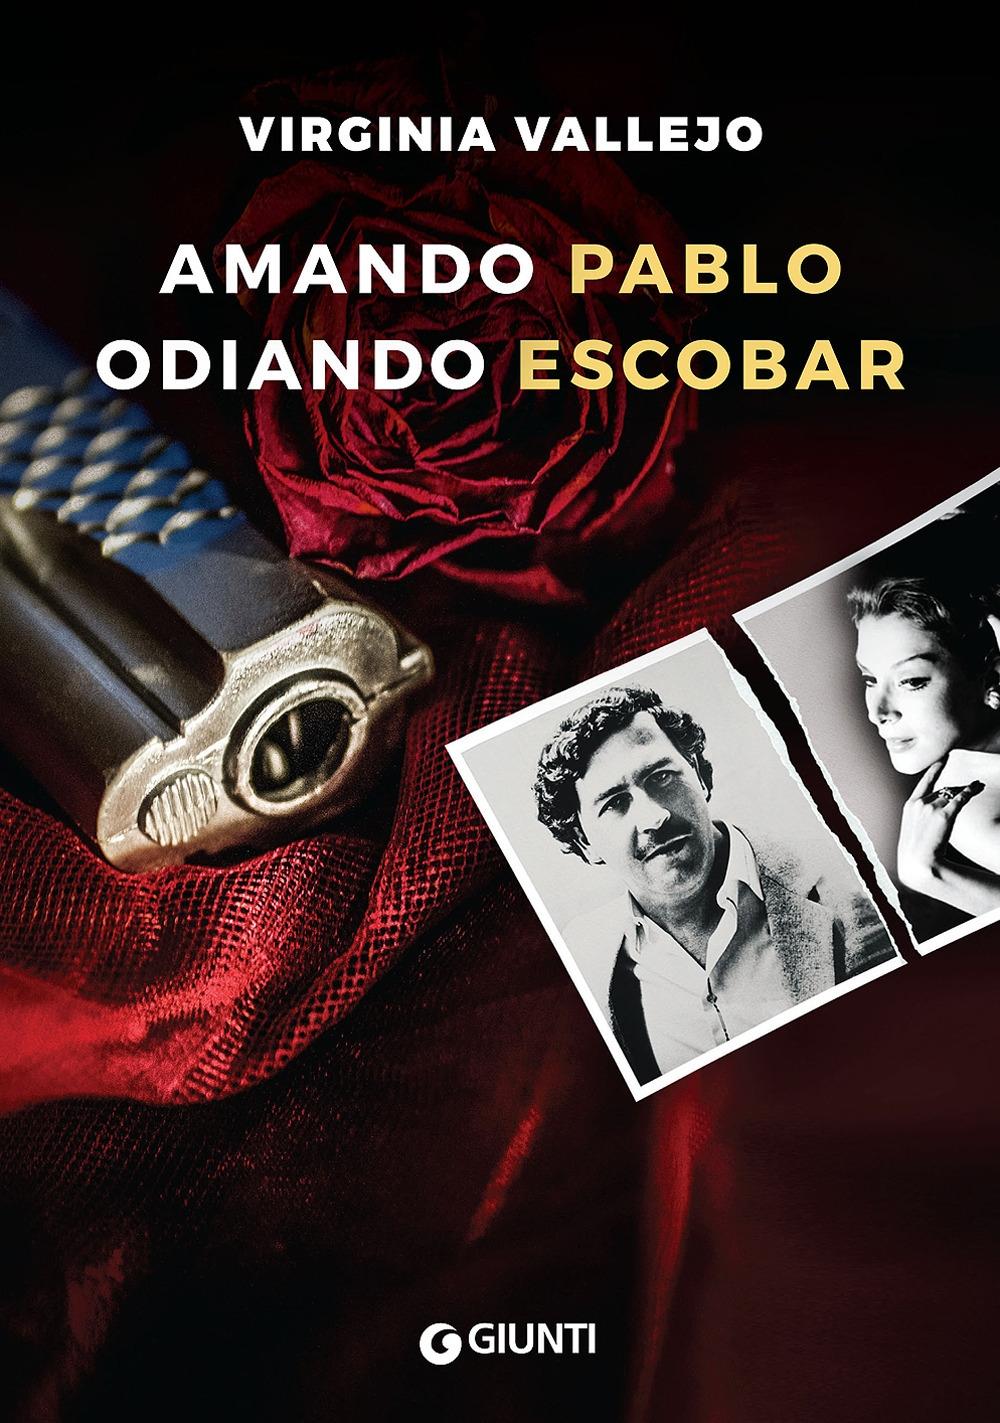 Armando Pablo odiando Escobar